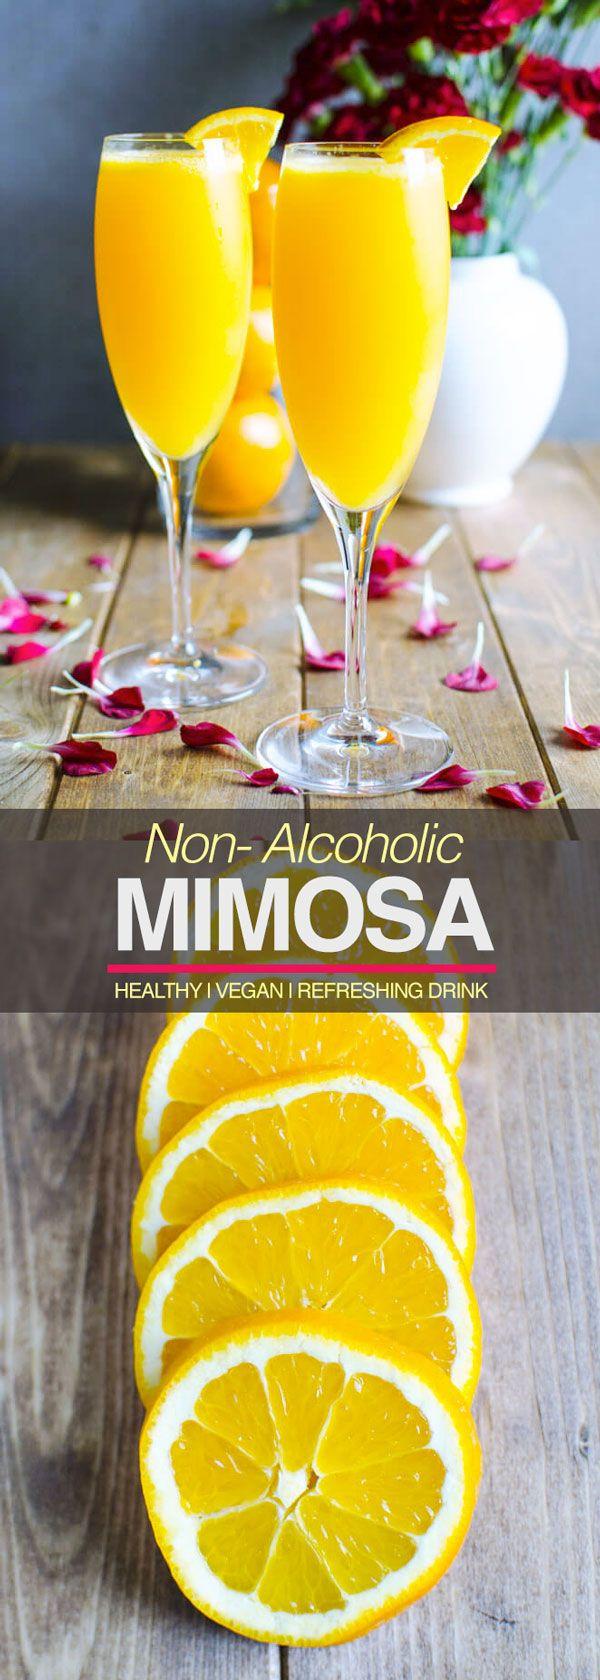 Breakfast Drinks Alcohol  Best 25 Non alcoholic mimosa ideas on Pinterest